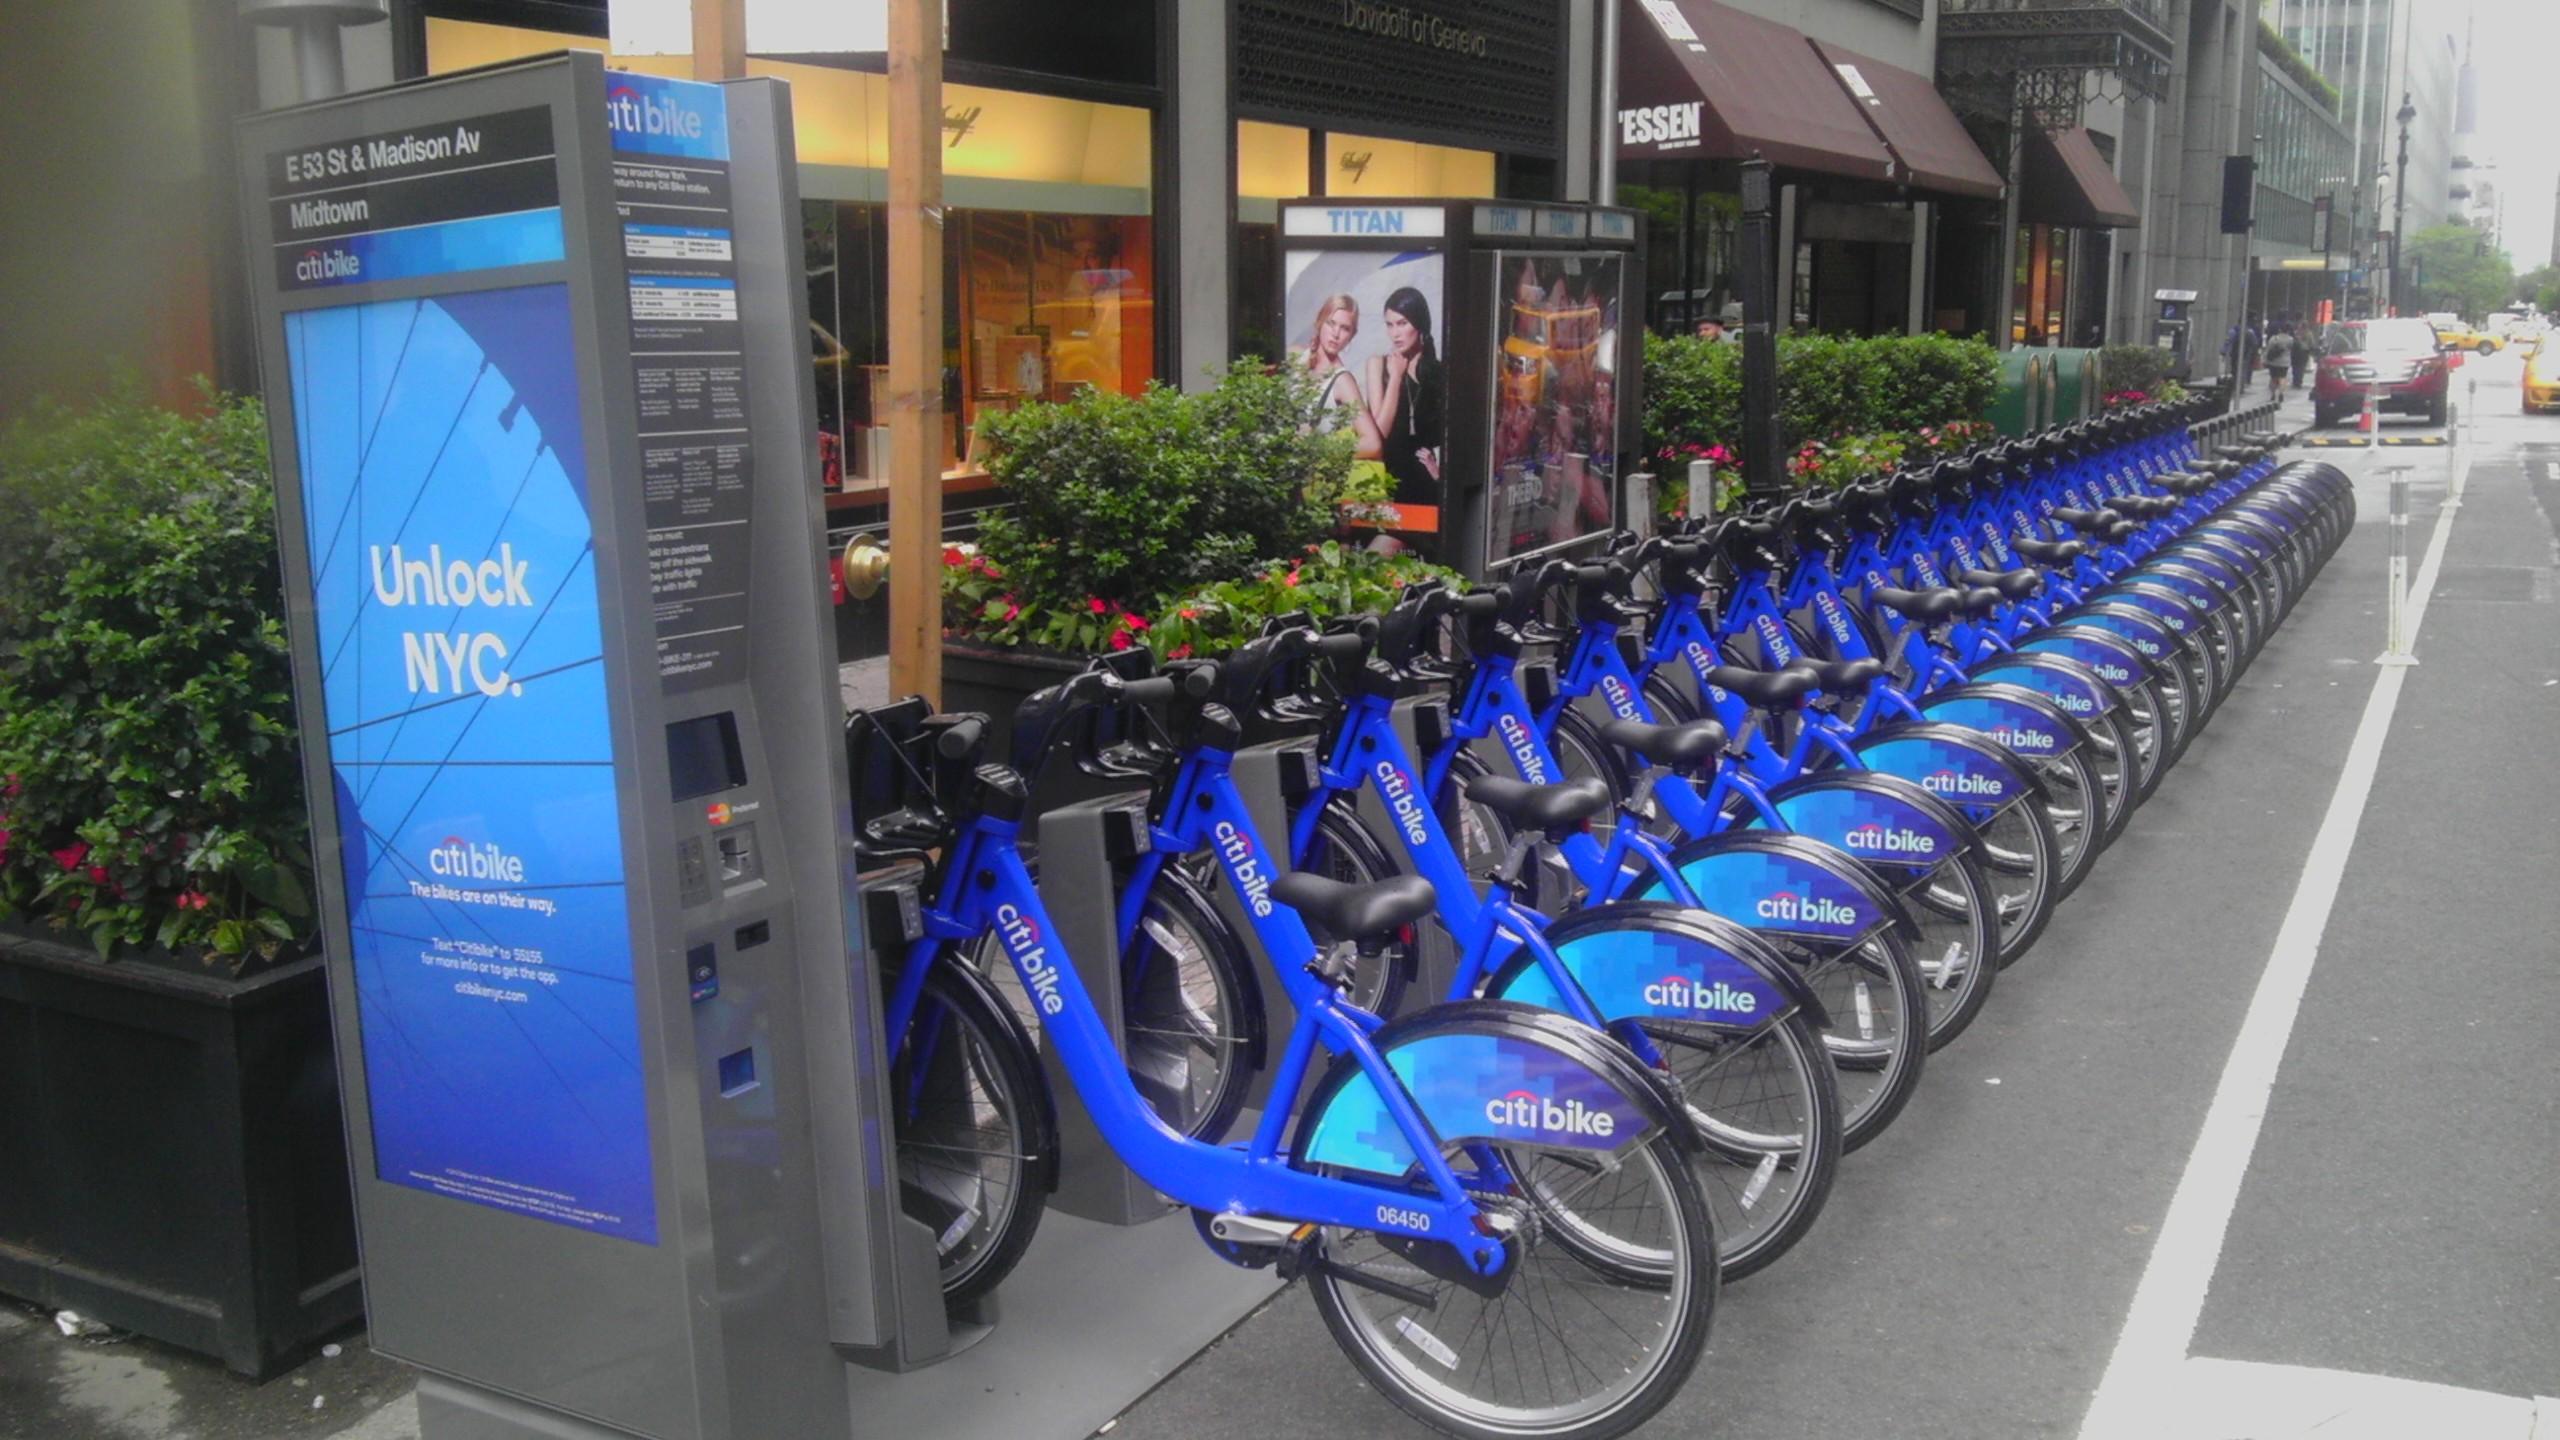 Bikes In Nyc Rent Citi Bike opened in New York